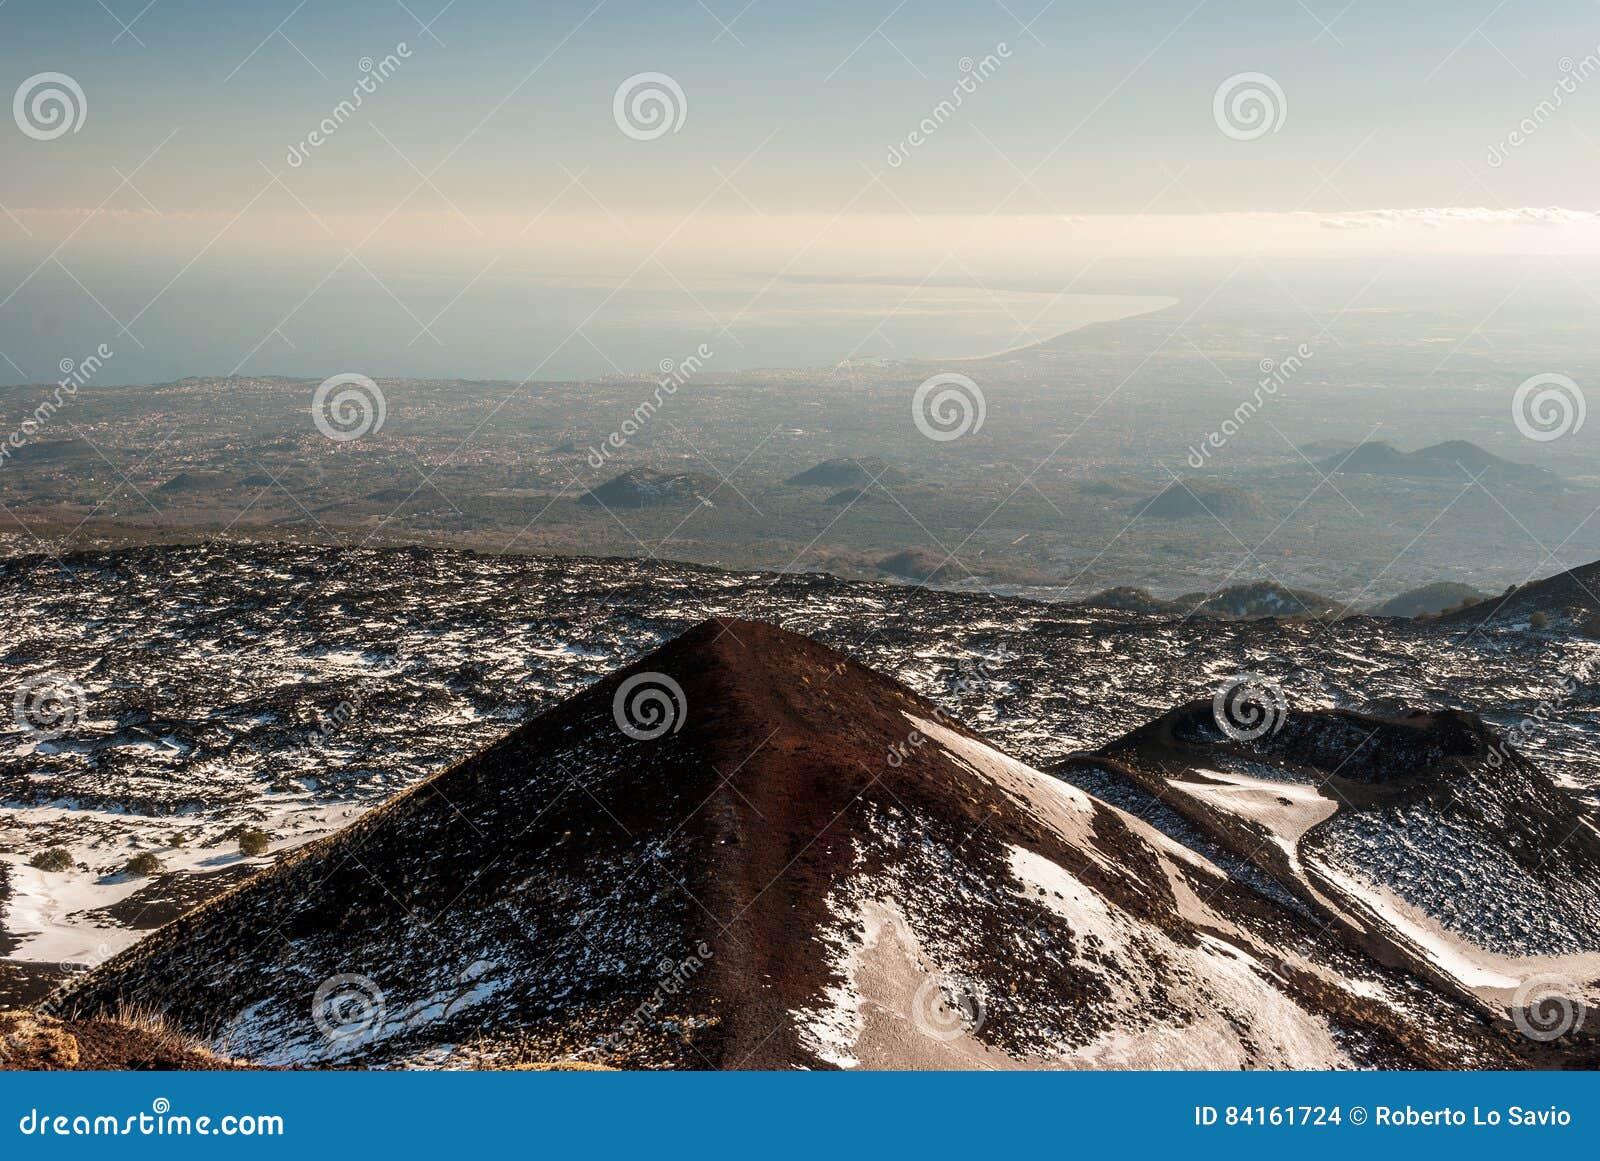 Vista panoramica del golfo di Catania visto dal vulcano Etna